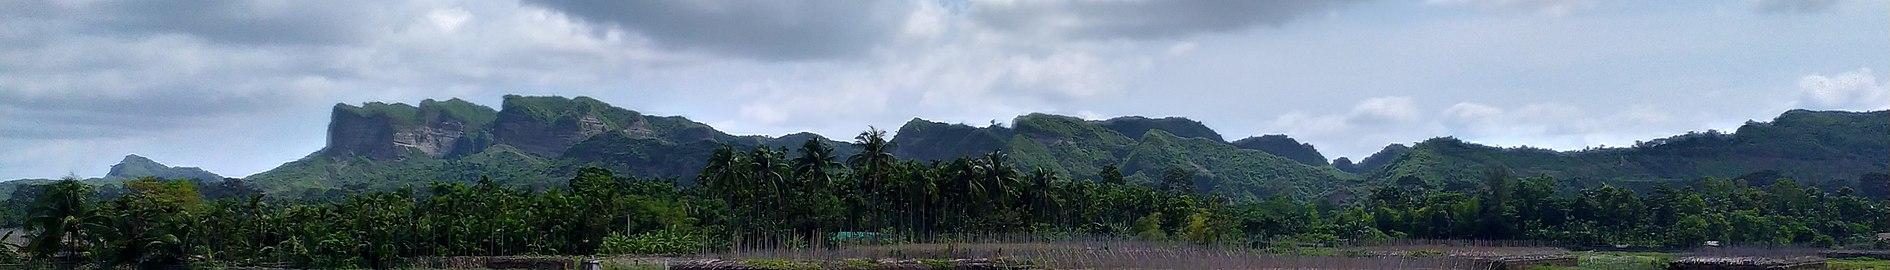 Teknaf wildlife sanctuary (cropped).jpg